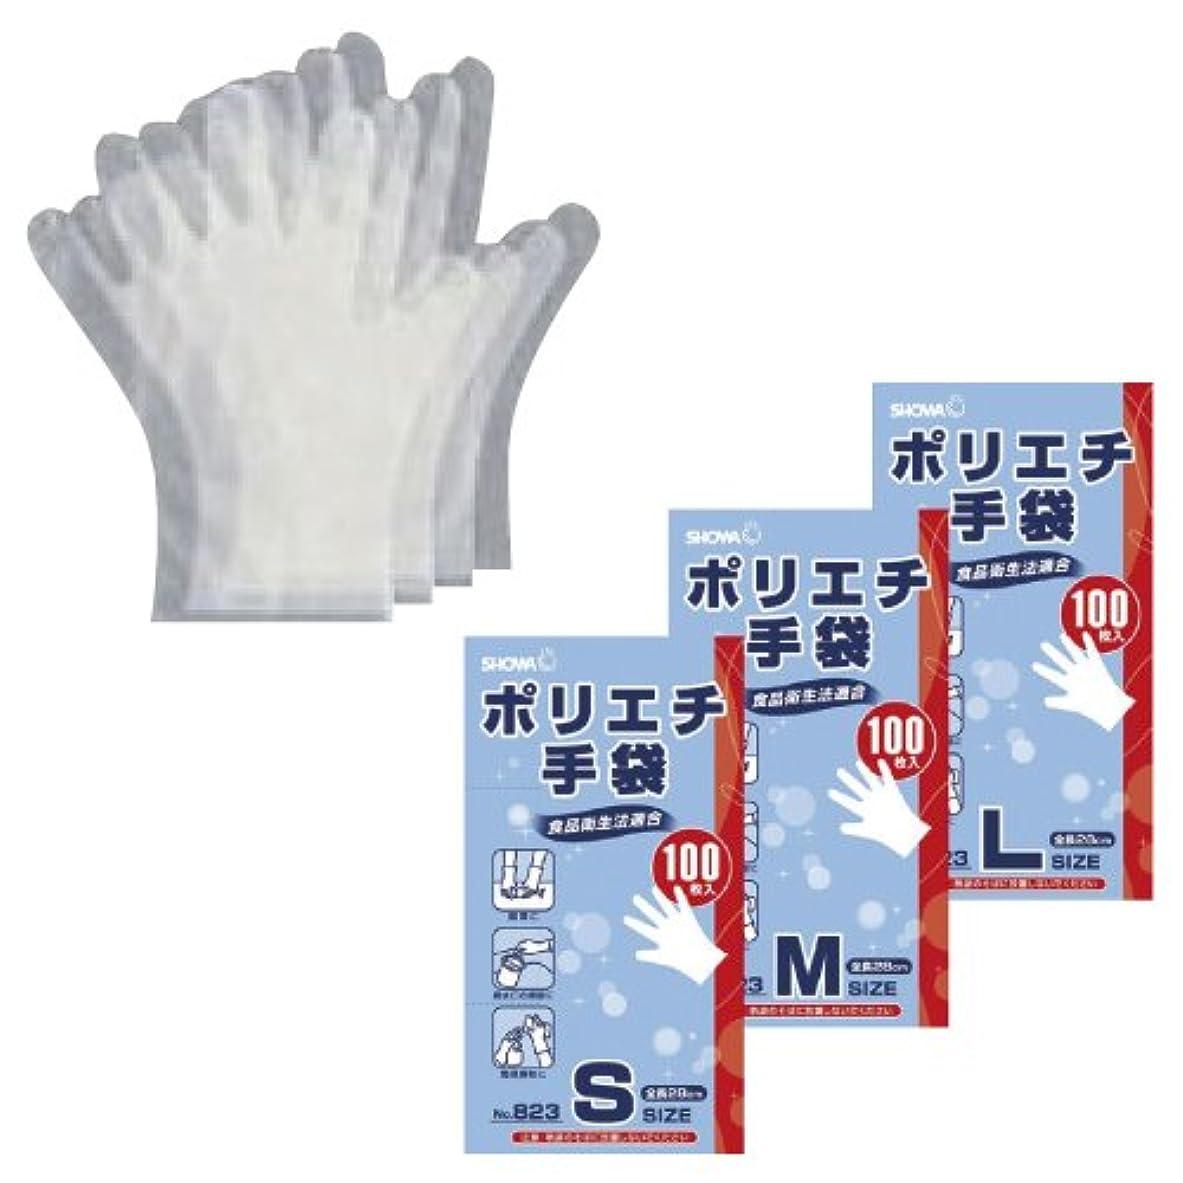 一時的仮装バーゲンポリエチ手袋(半透明) NO.823(S)100????????????(23-7247-00)